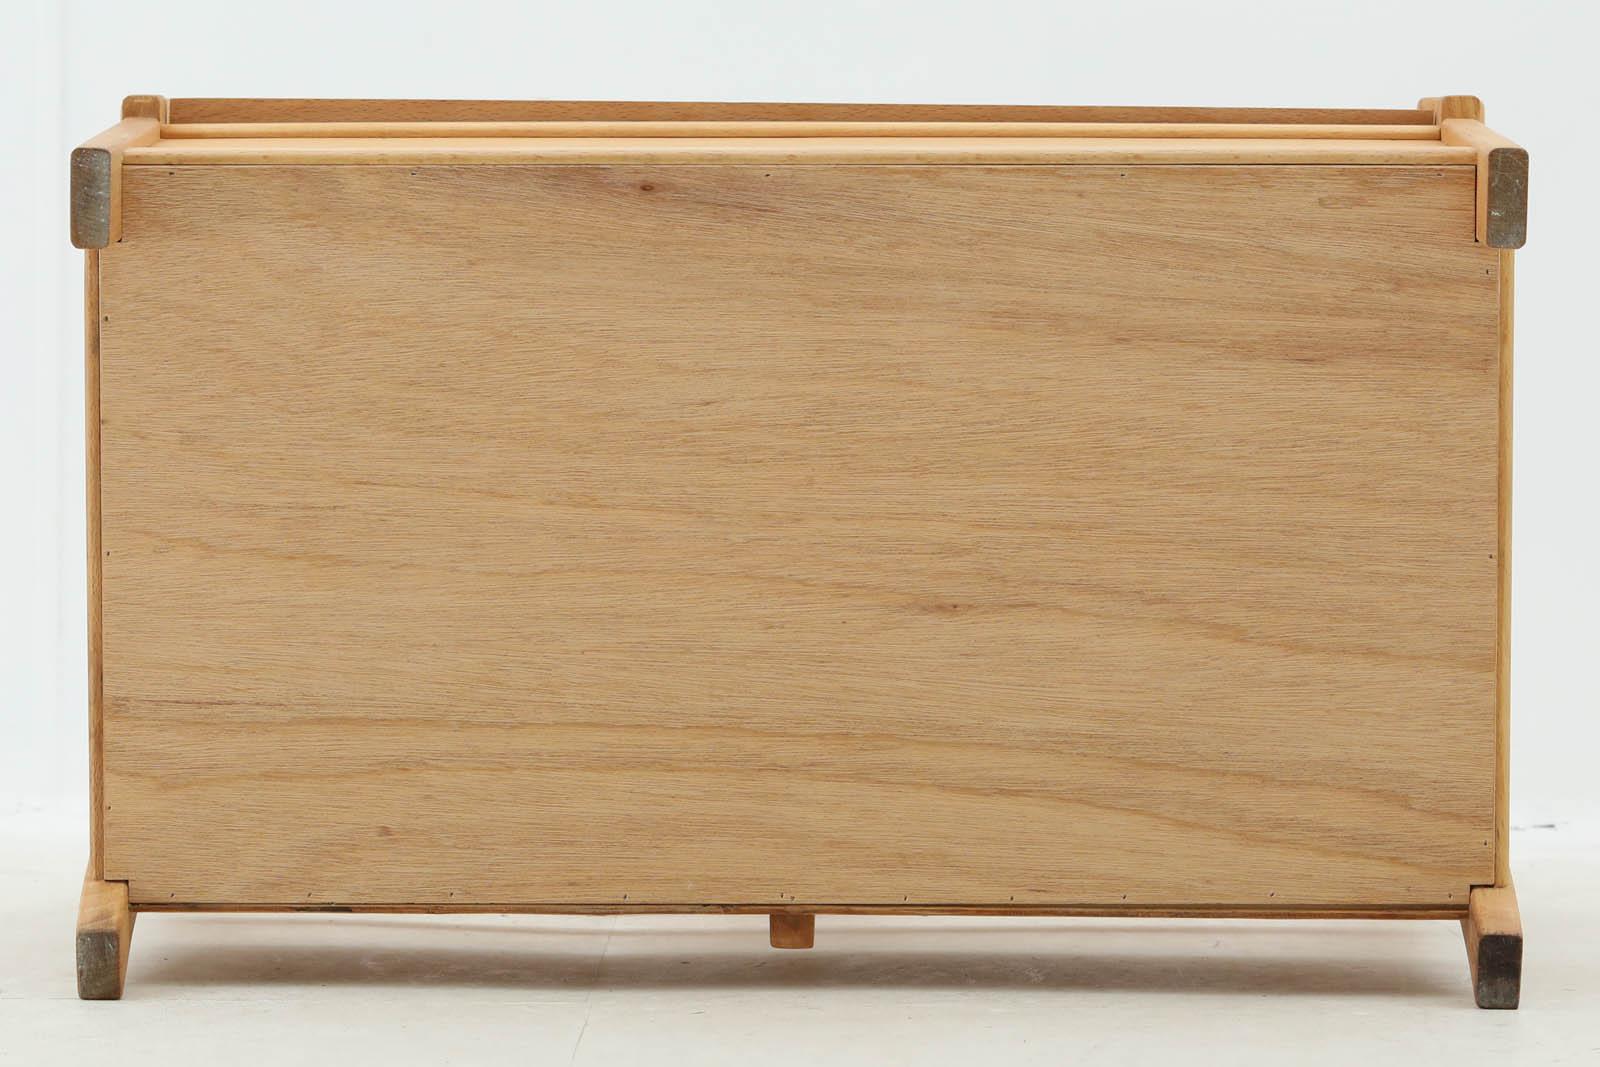 スウェーデン製キッズチェア2人掛け収納BOX付ビーチ材北欧家具ビンテージ【椅子デスクチェア北欧インテリアおしゃれモダンスウェーデンモノトーン】